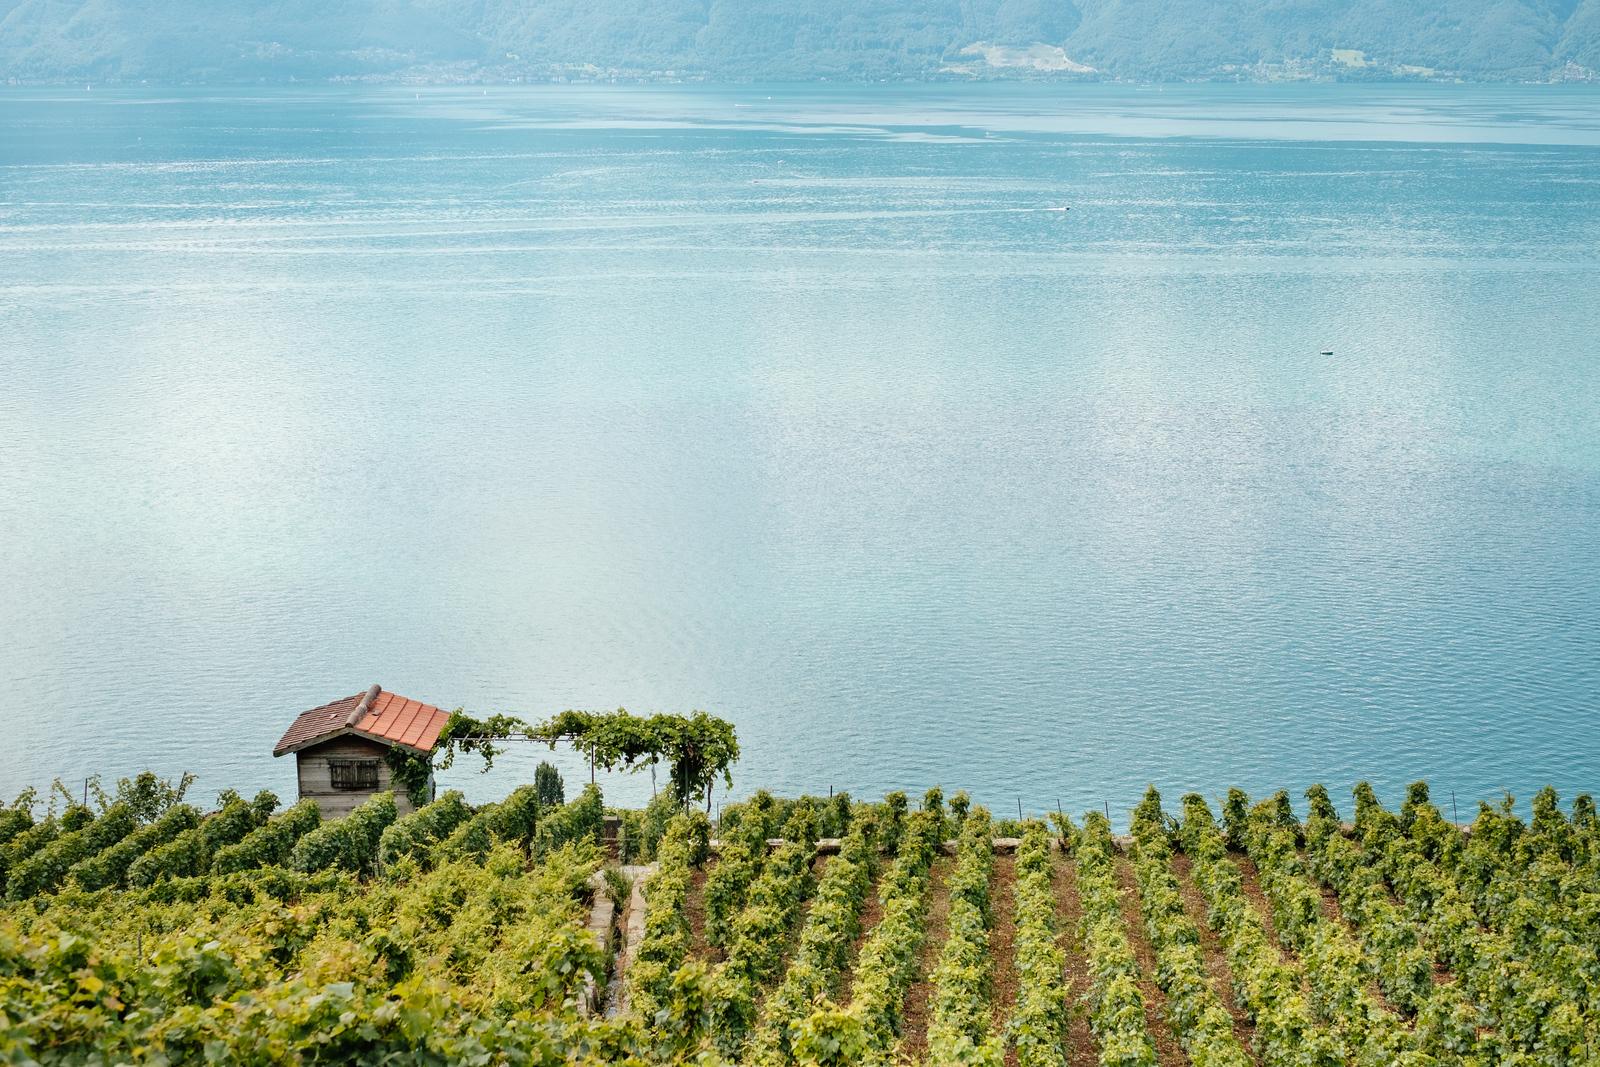 A vineyard in Lavaux